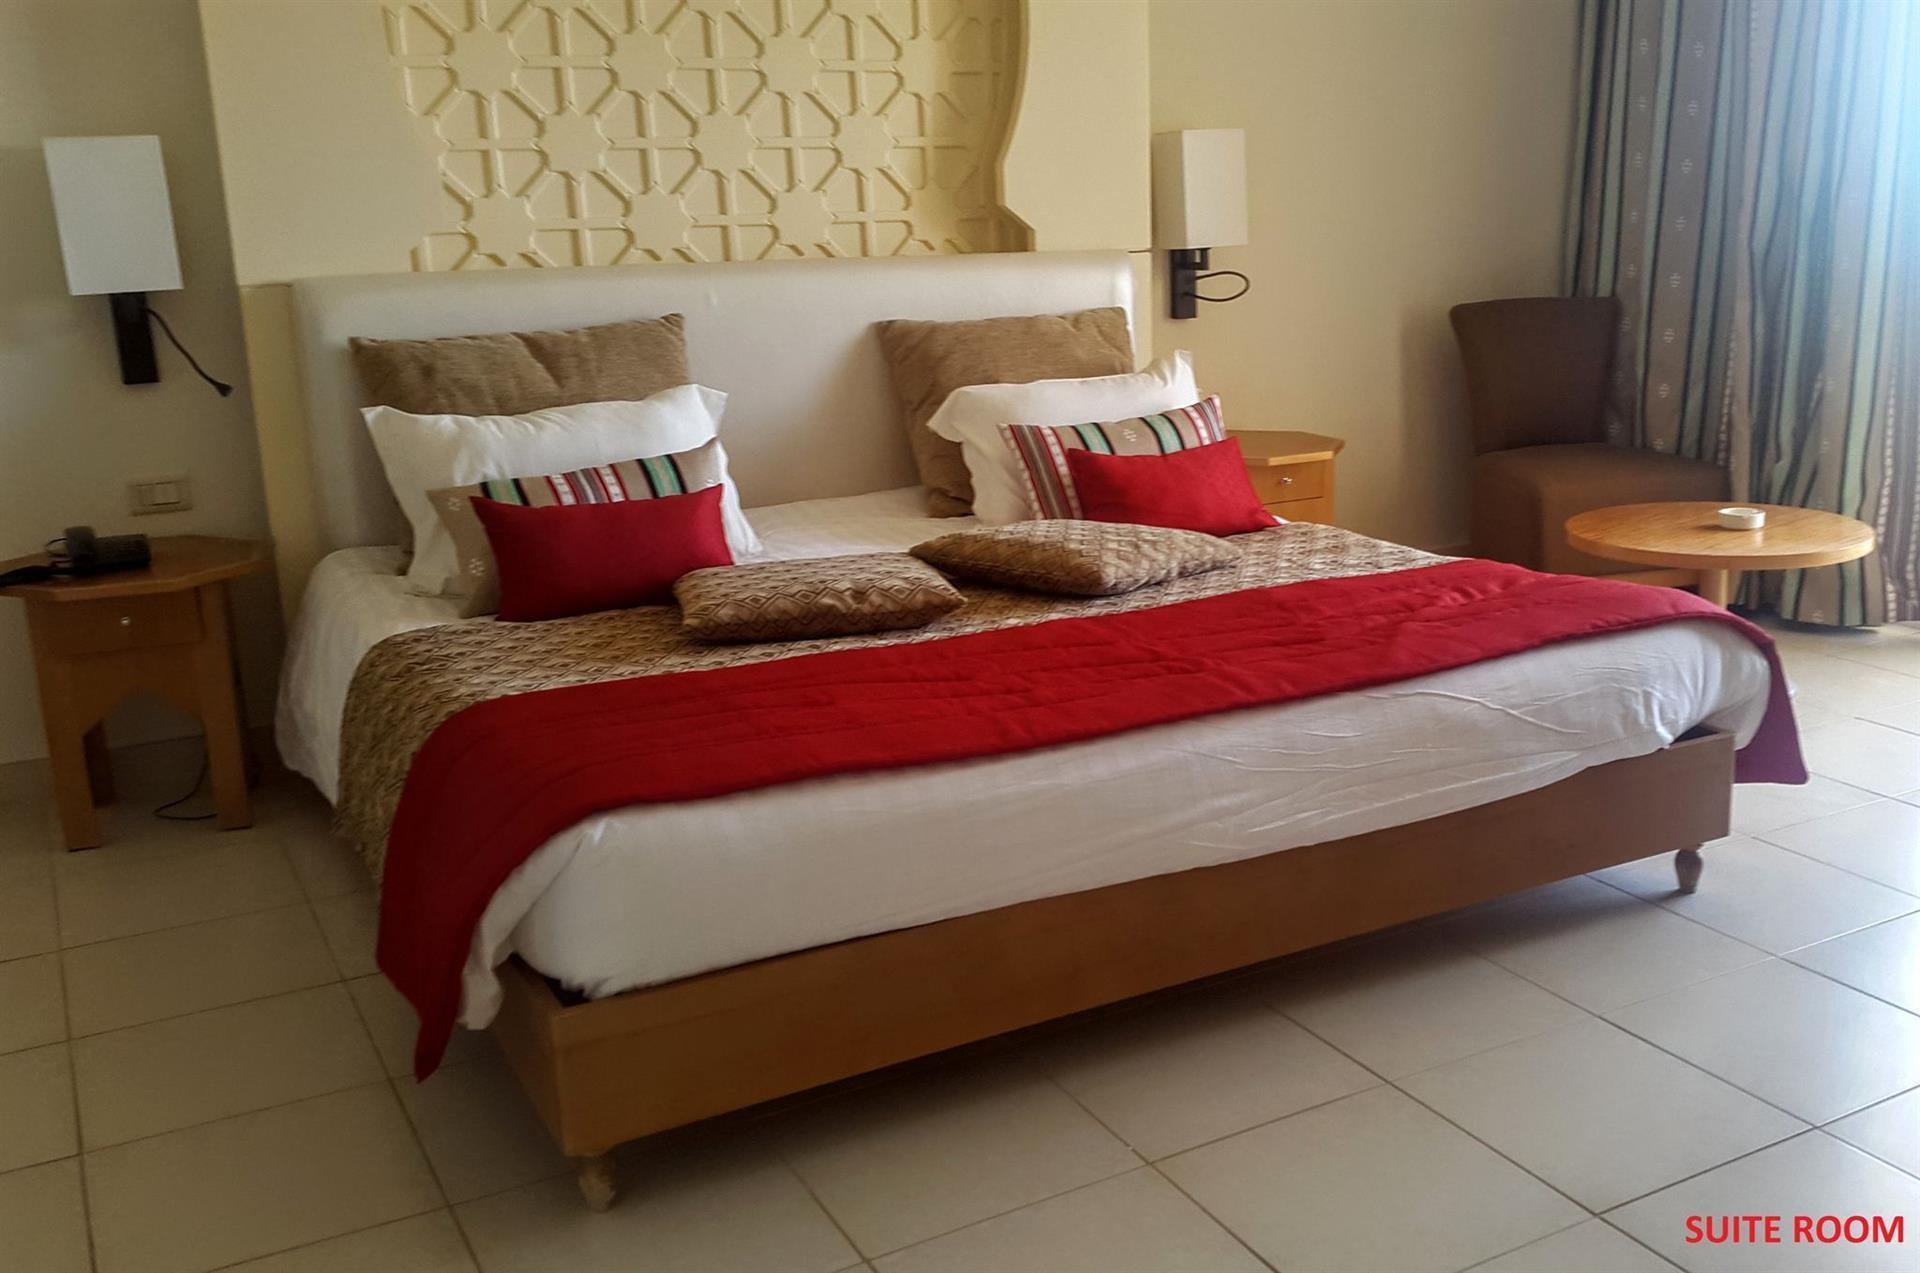 отель мэджик джерба маре тунис